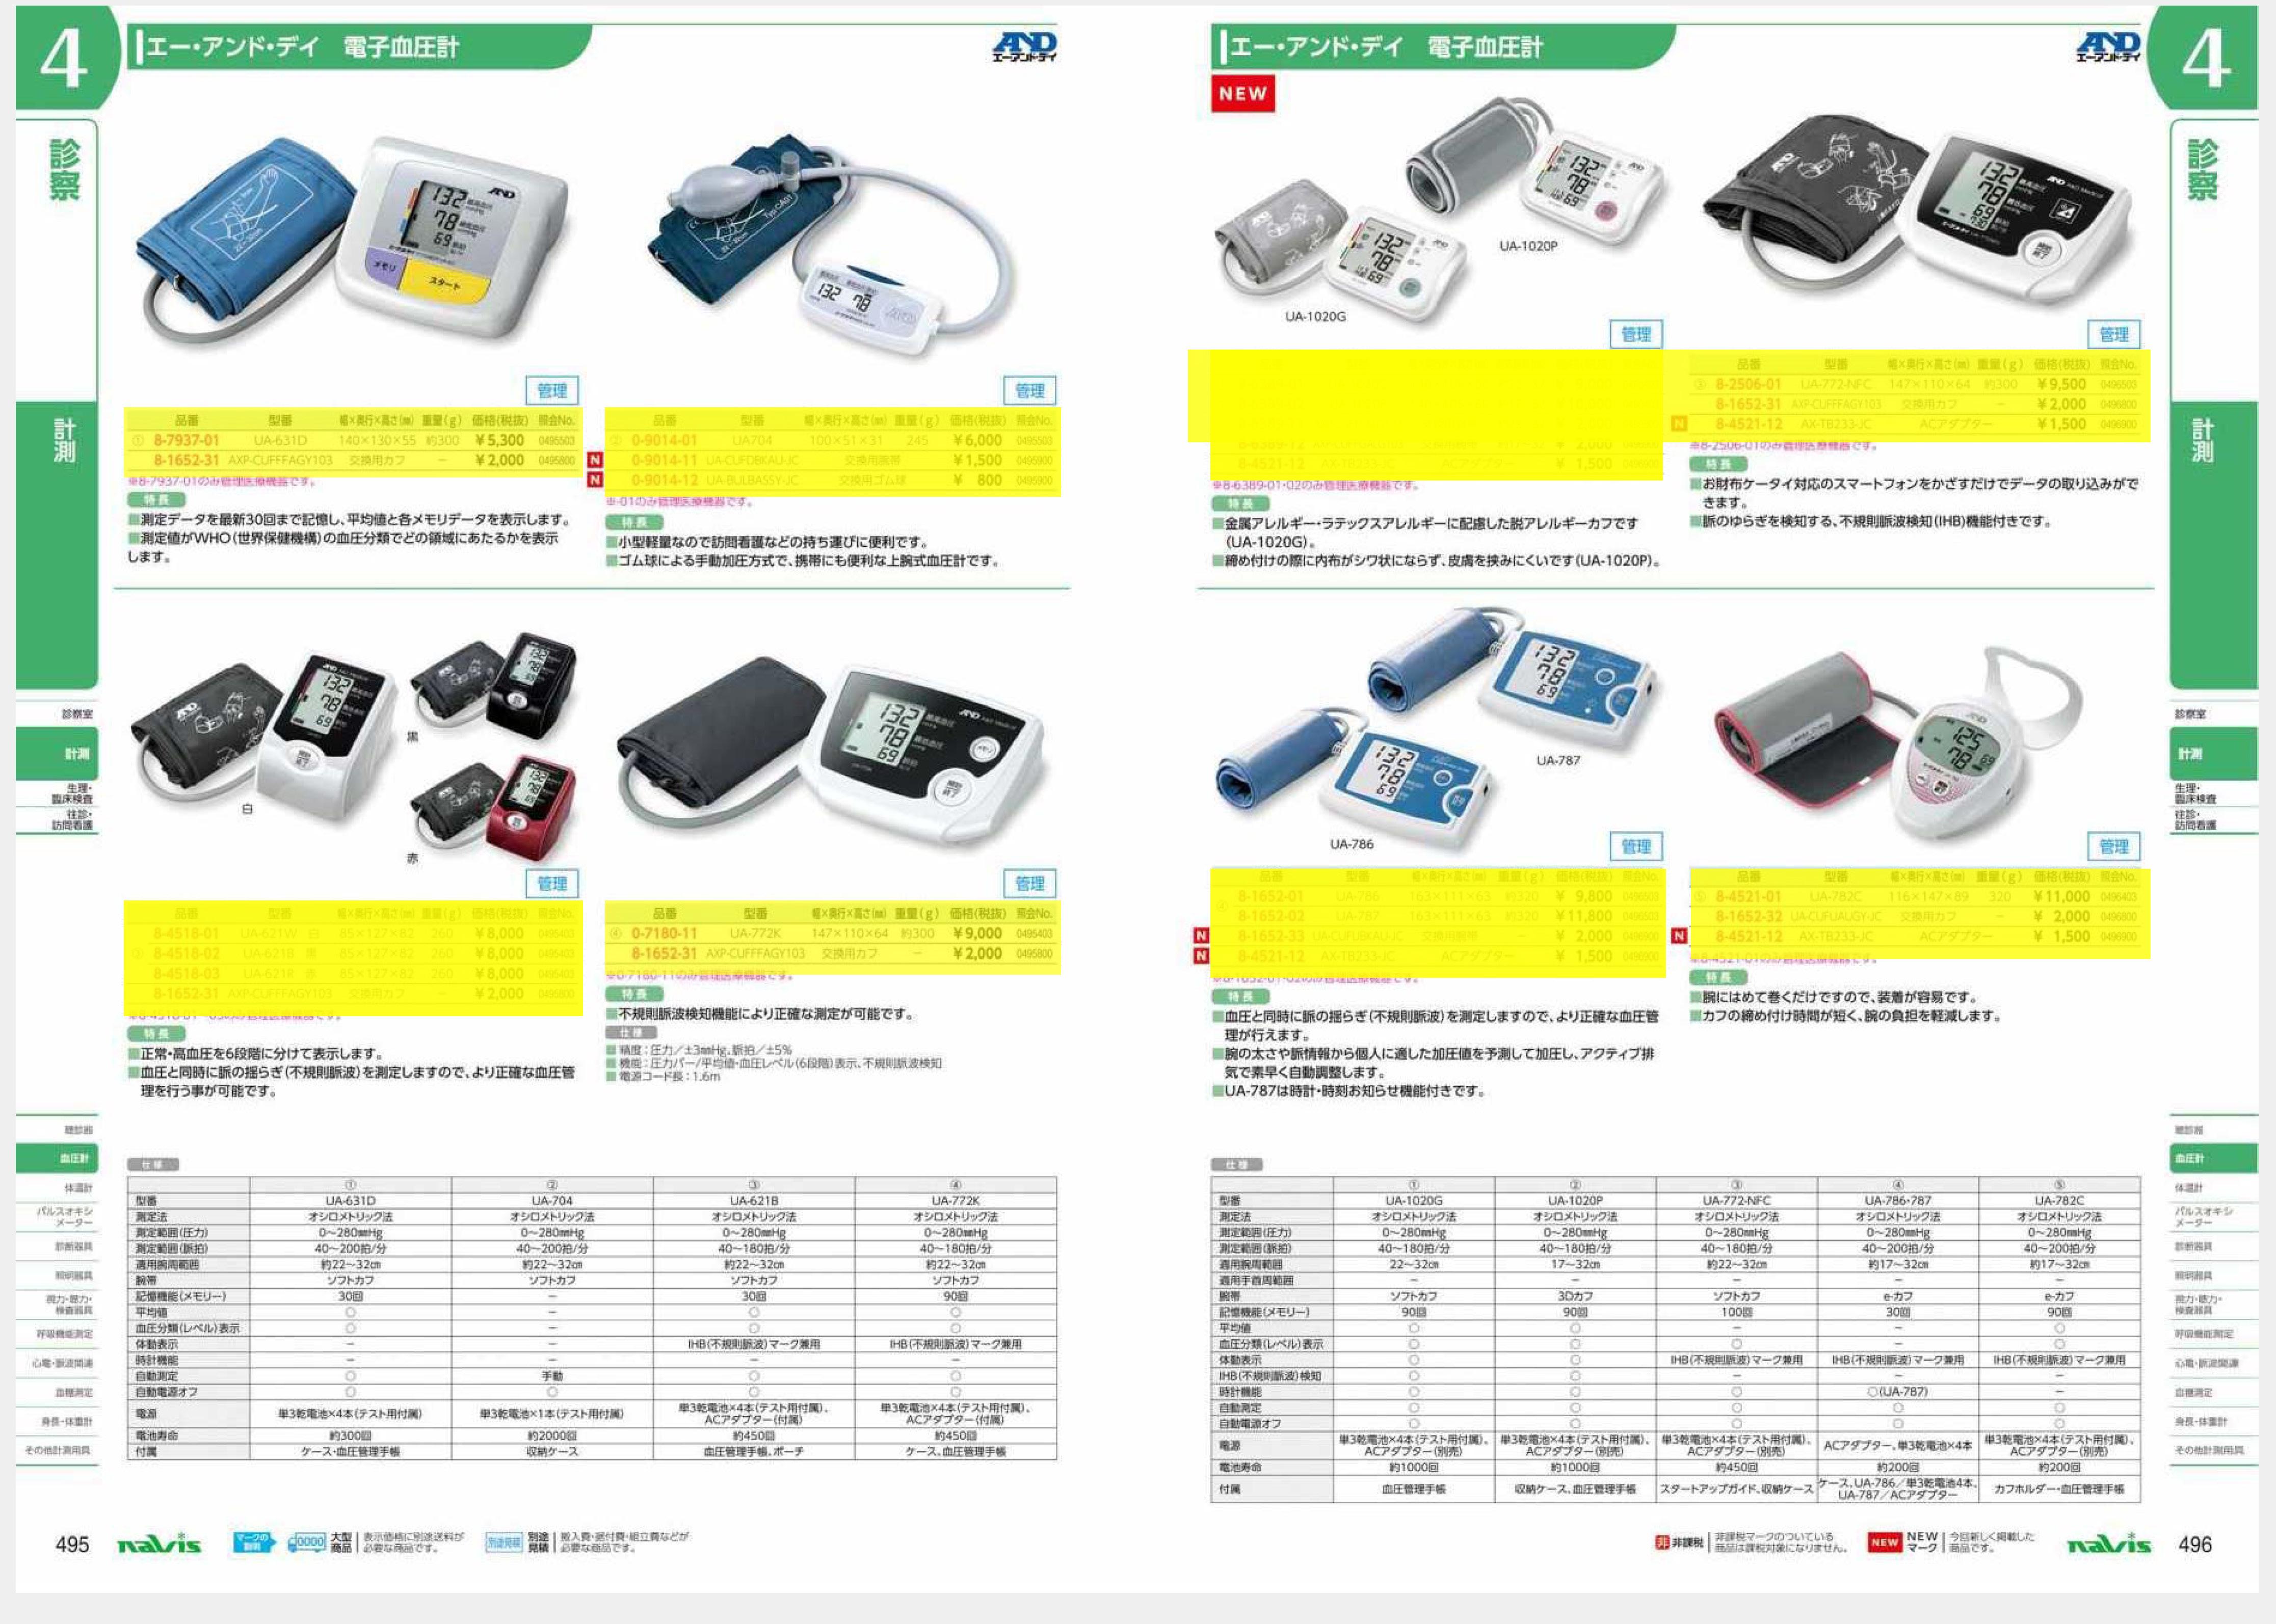 ナビス50000 エー・アンド・デイ 0-7180-11 電子血圧計 UA−772K[個](as1-0-7180-11)